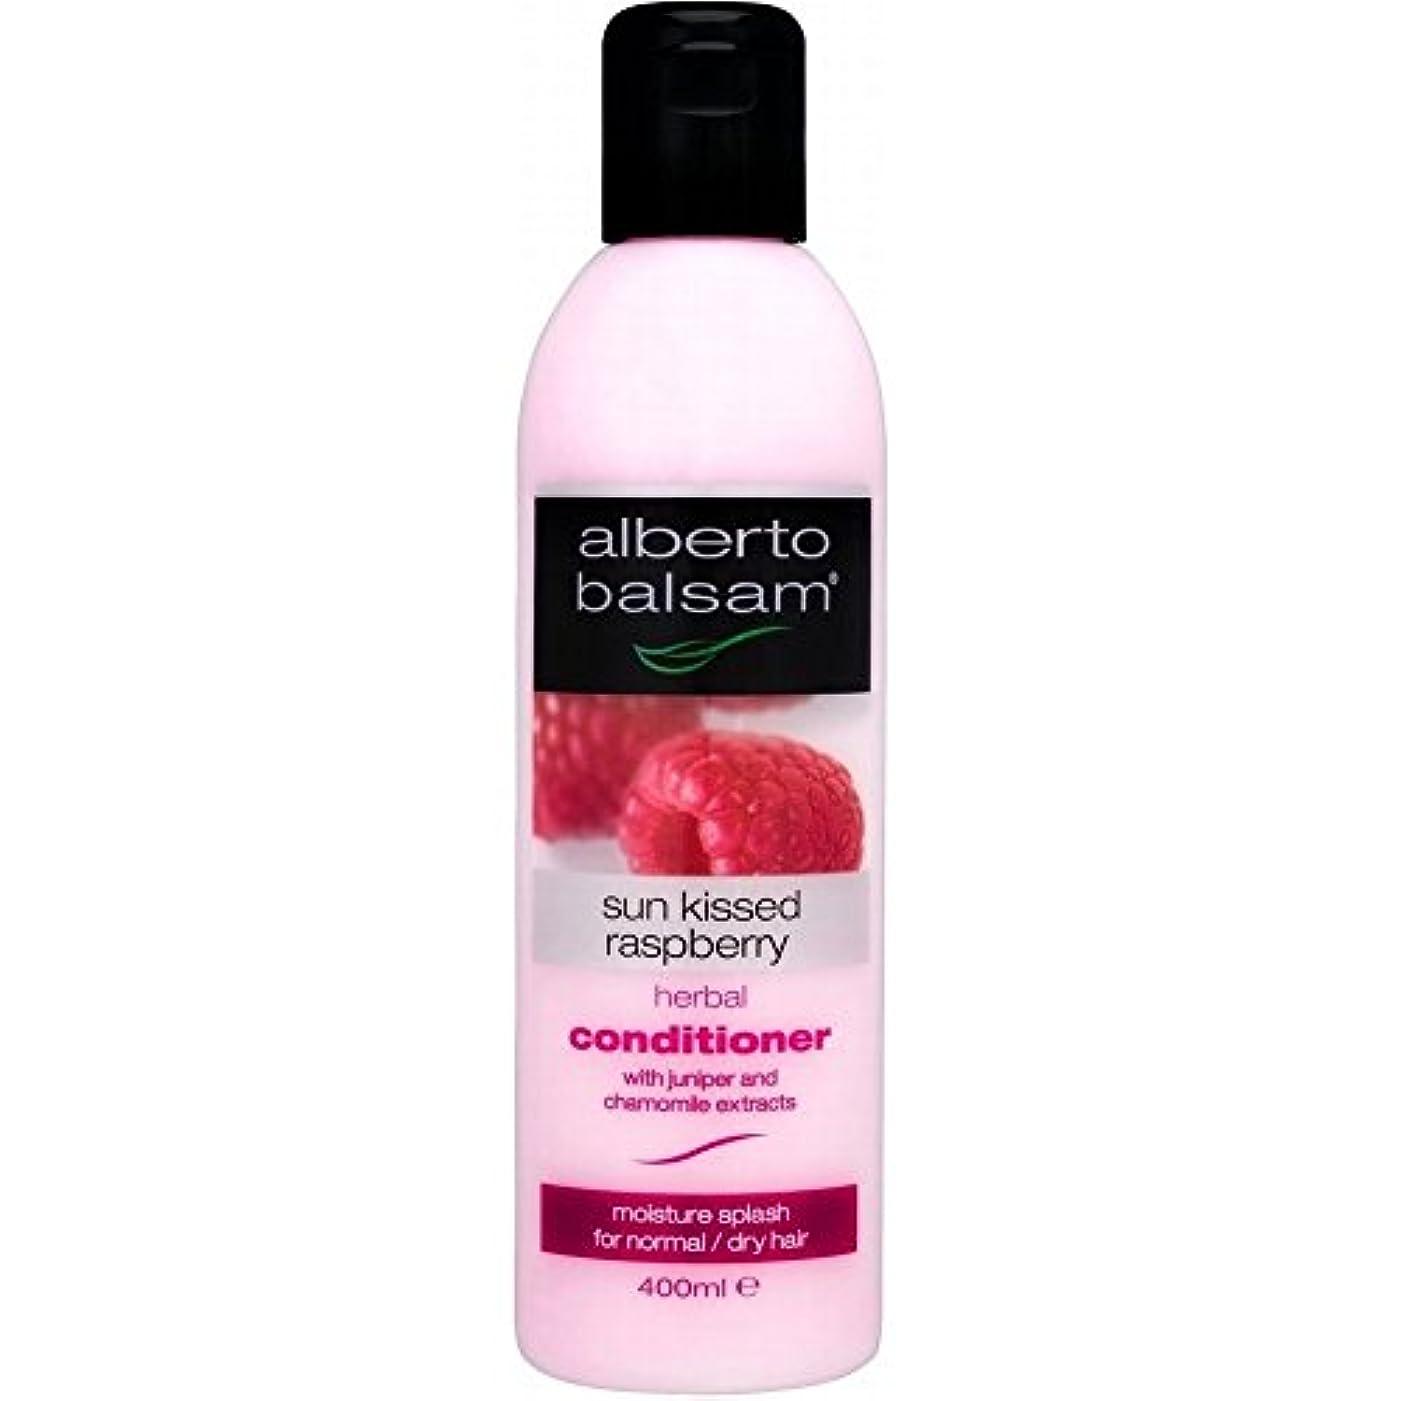 オーガニック作動するくるみAlberto Balsam Herbal Conditioner - Sun Kissed Raspberry (400ml) アルベルトバルサムハーブコンディショナー - 太陽は( 400ミリリットル)ラズベリーキス...